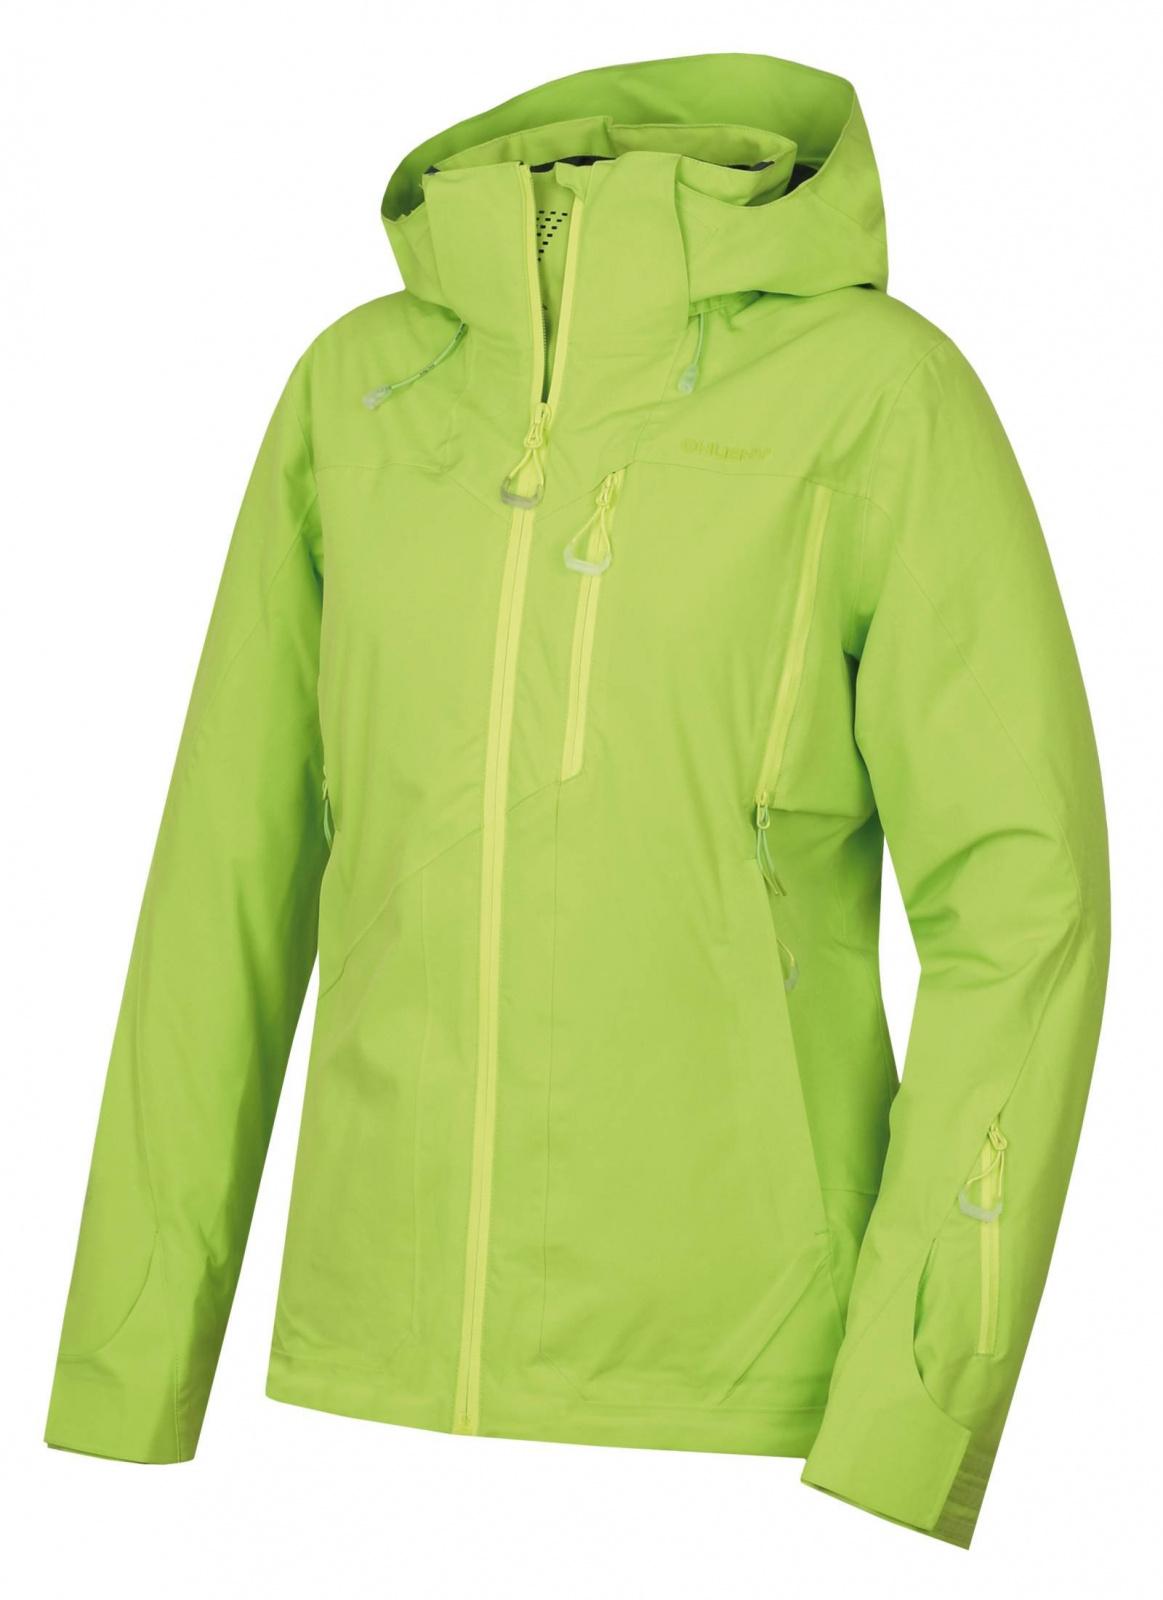 Husky Montry L výrazne zelená, M Dámska hardshell plnená bunda